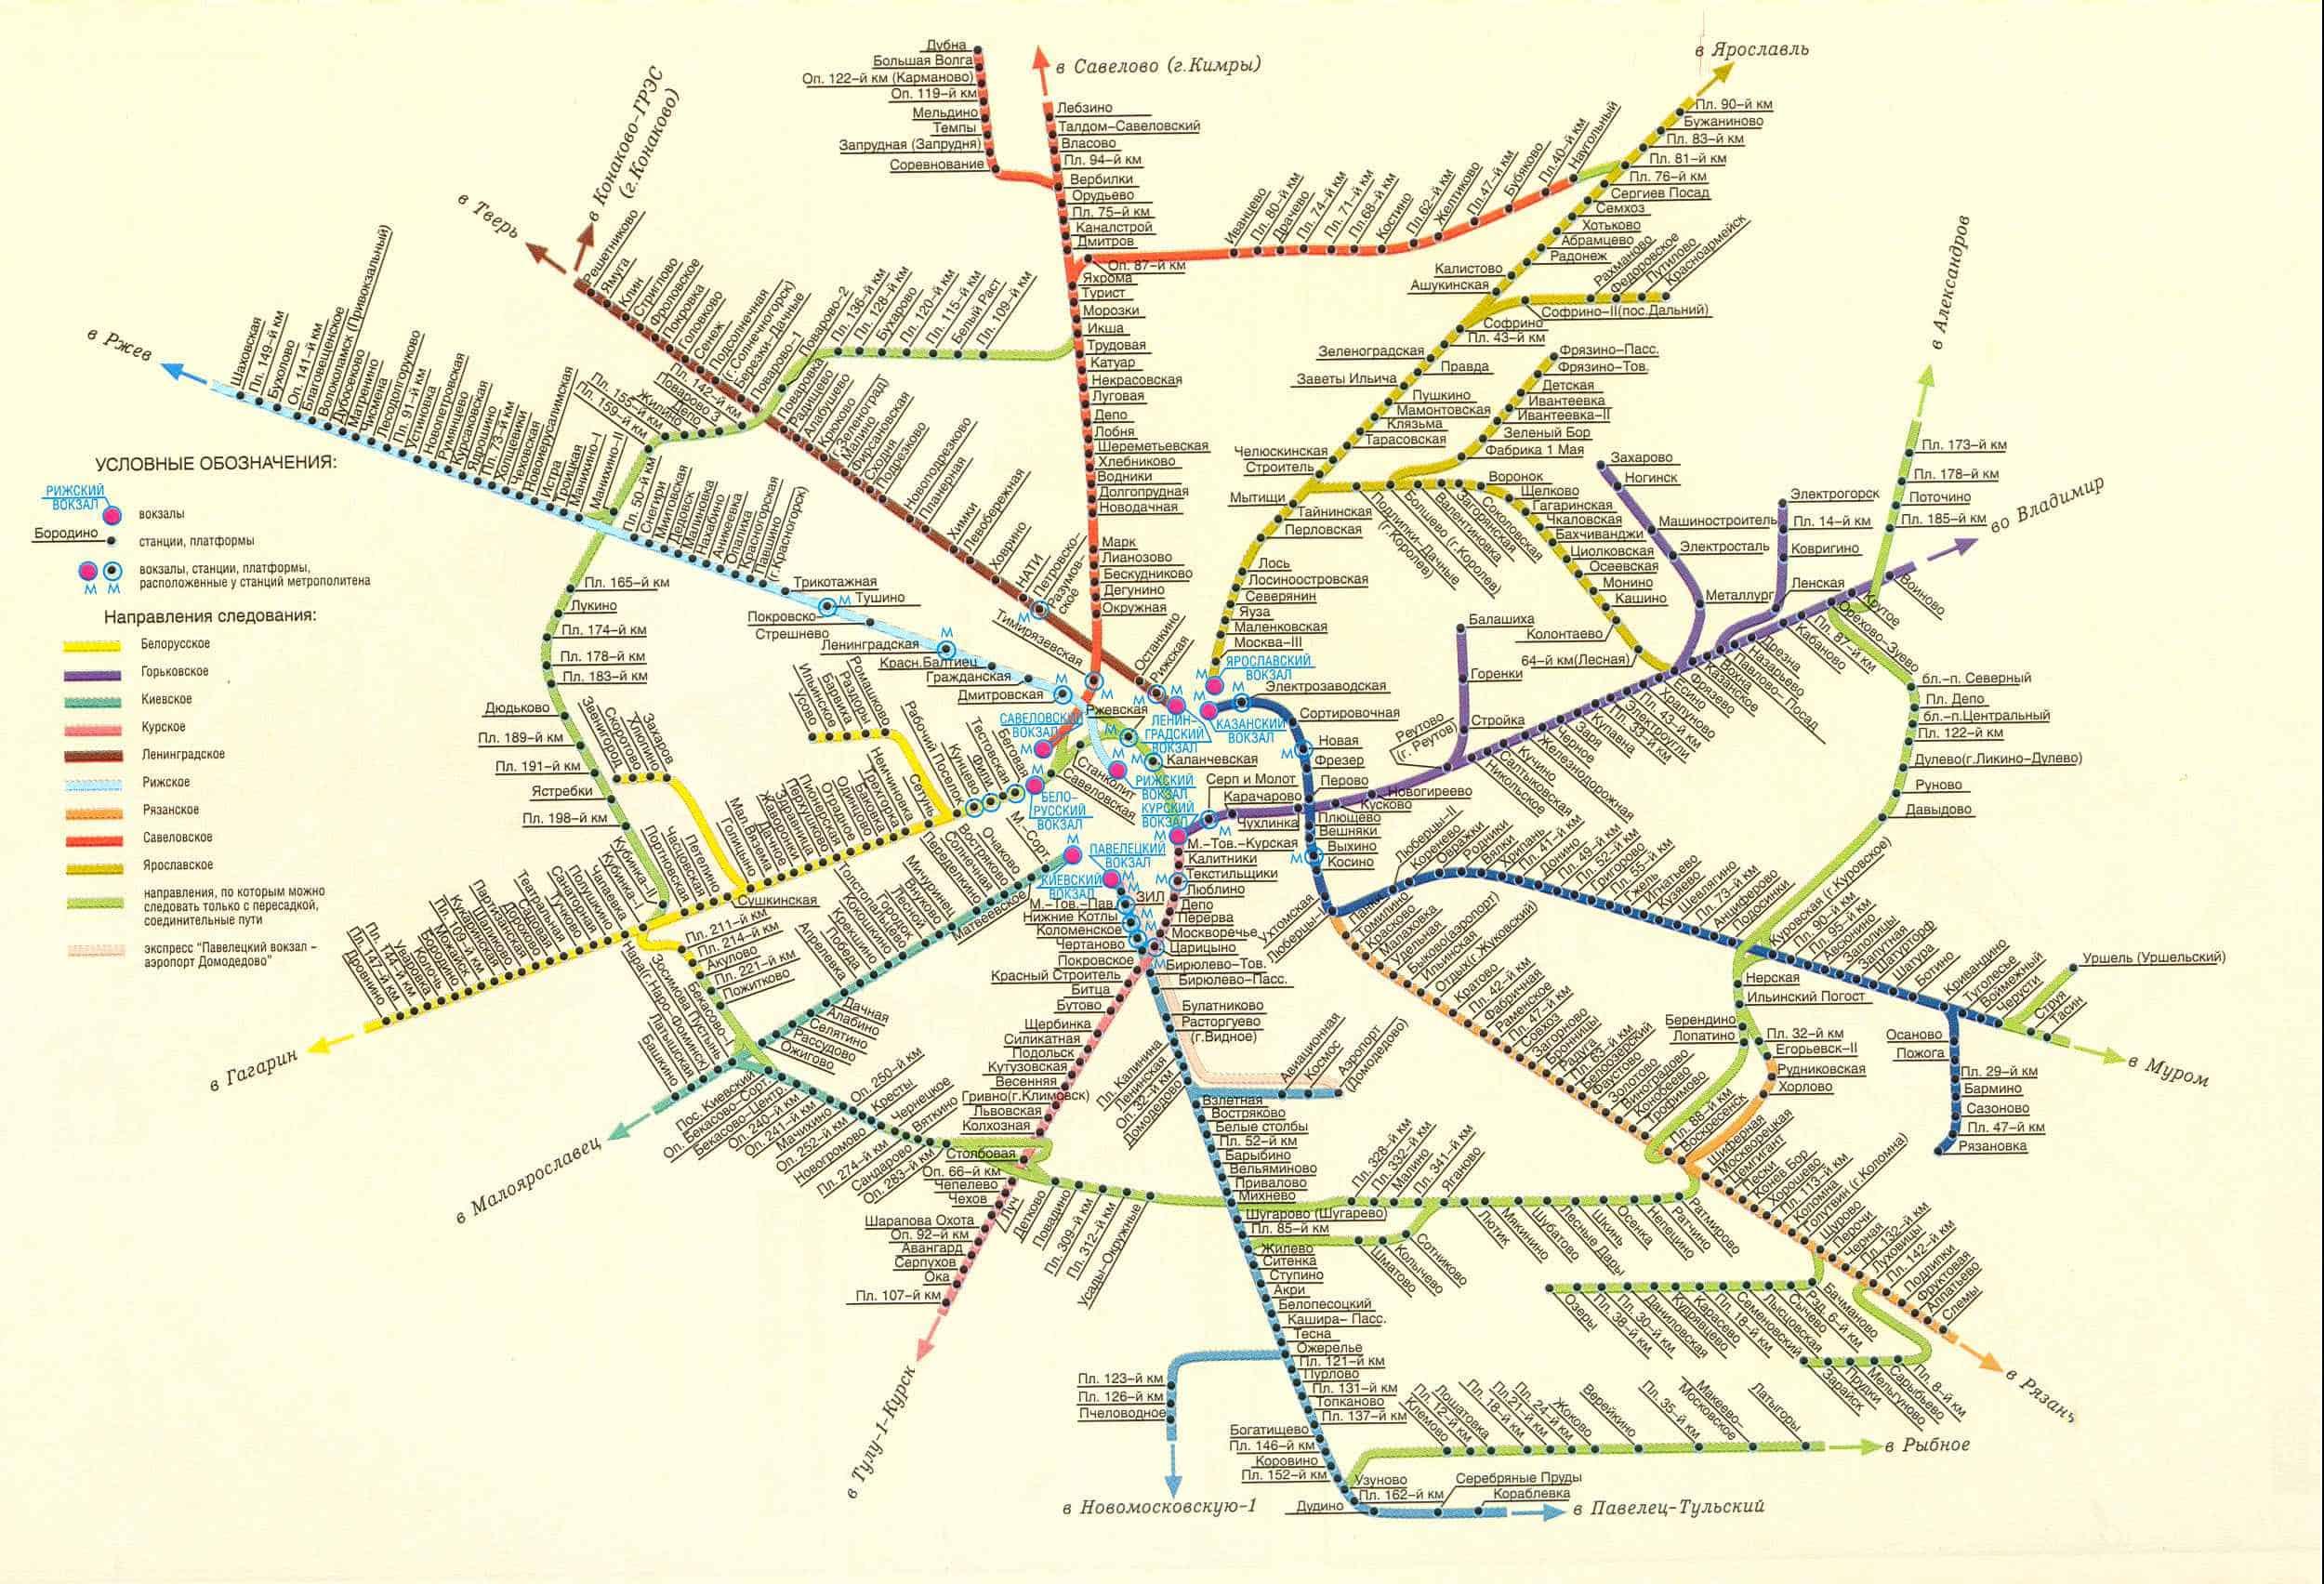 Ленинградский вокзал электрички схема фото 167